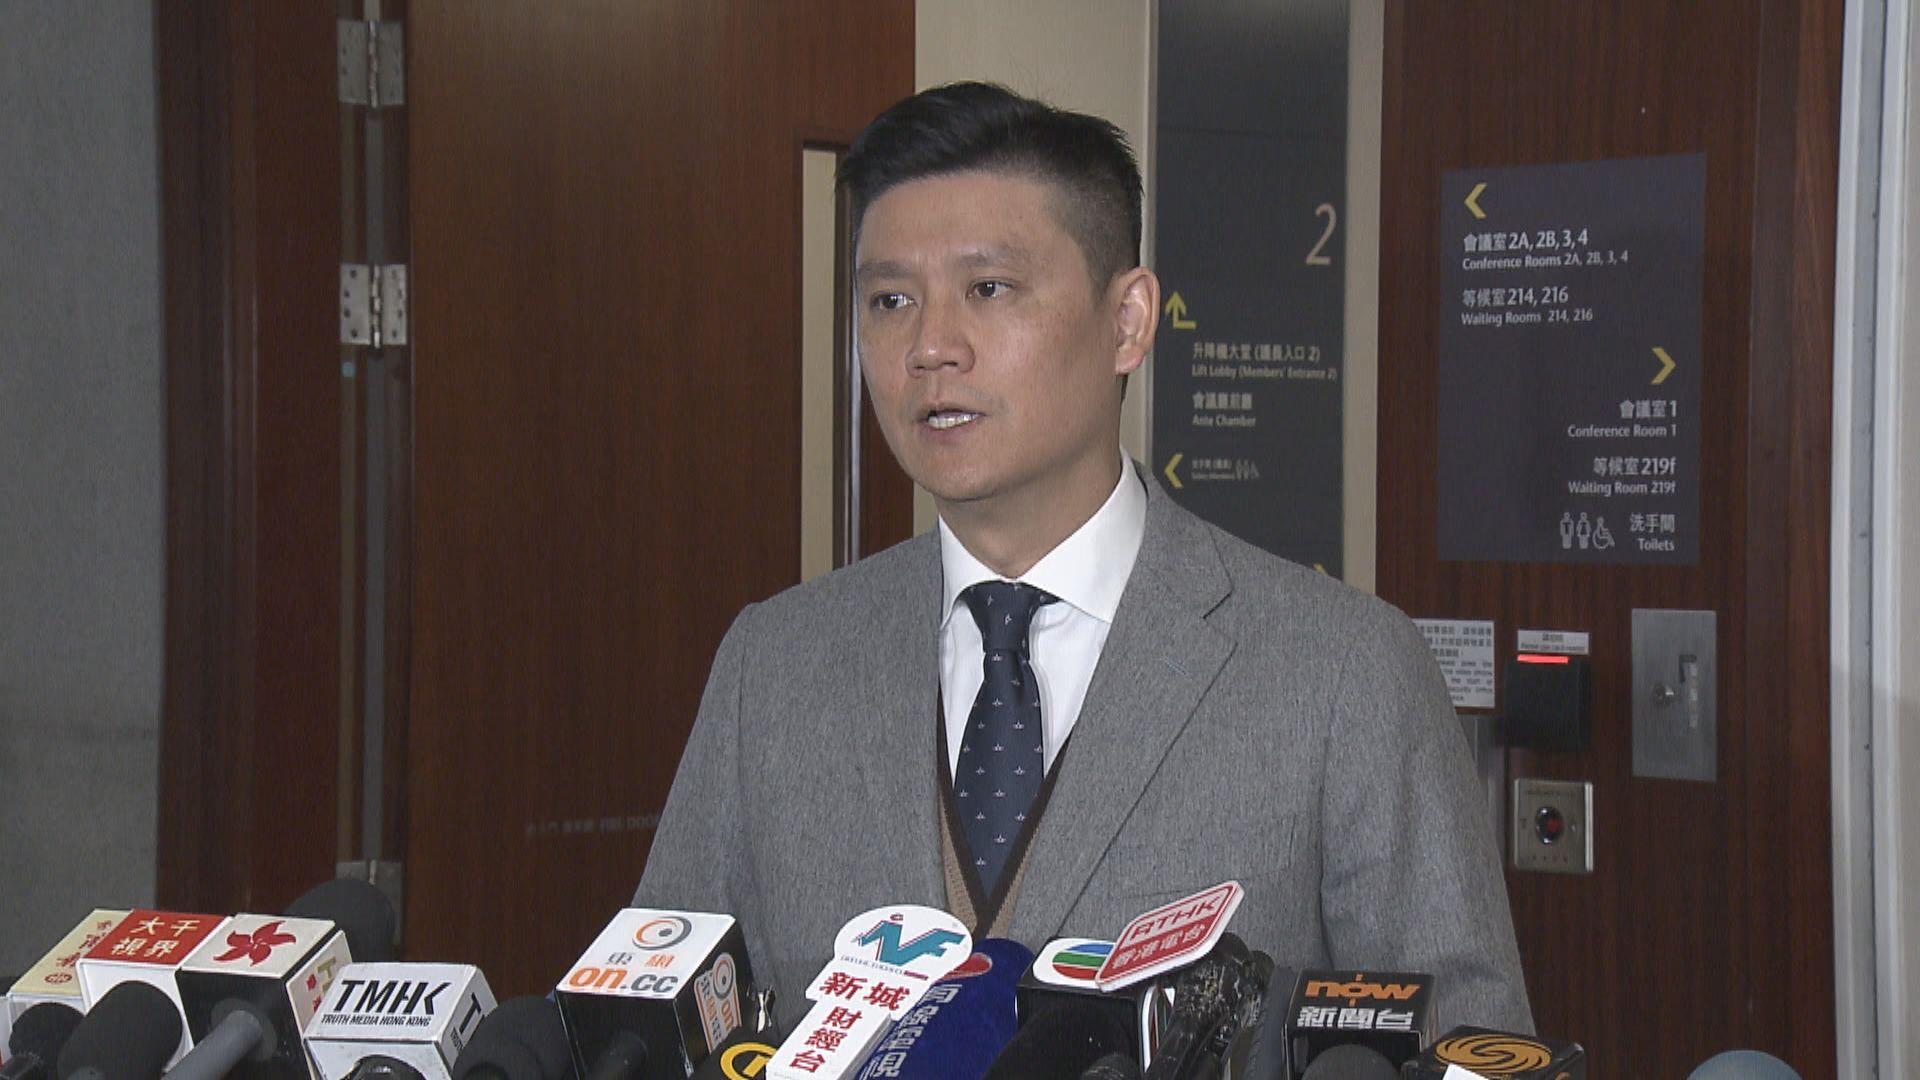 港龍結業 譚文豪料被裁員工短期內難有新工作